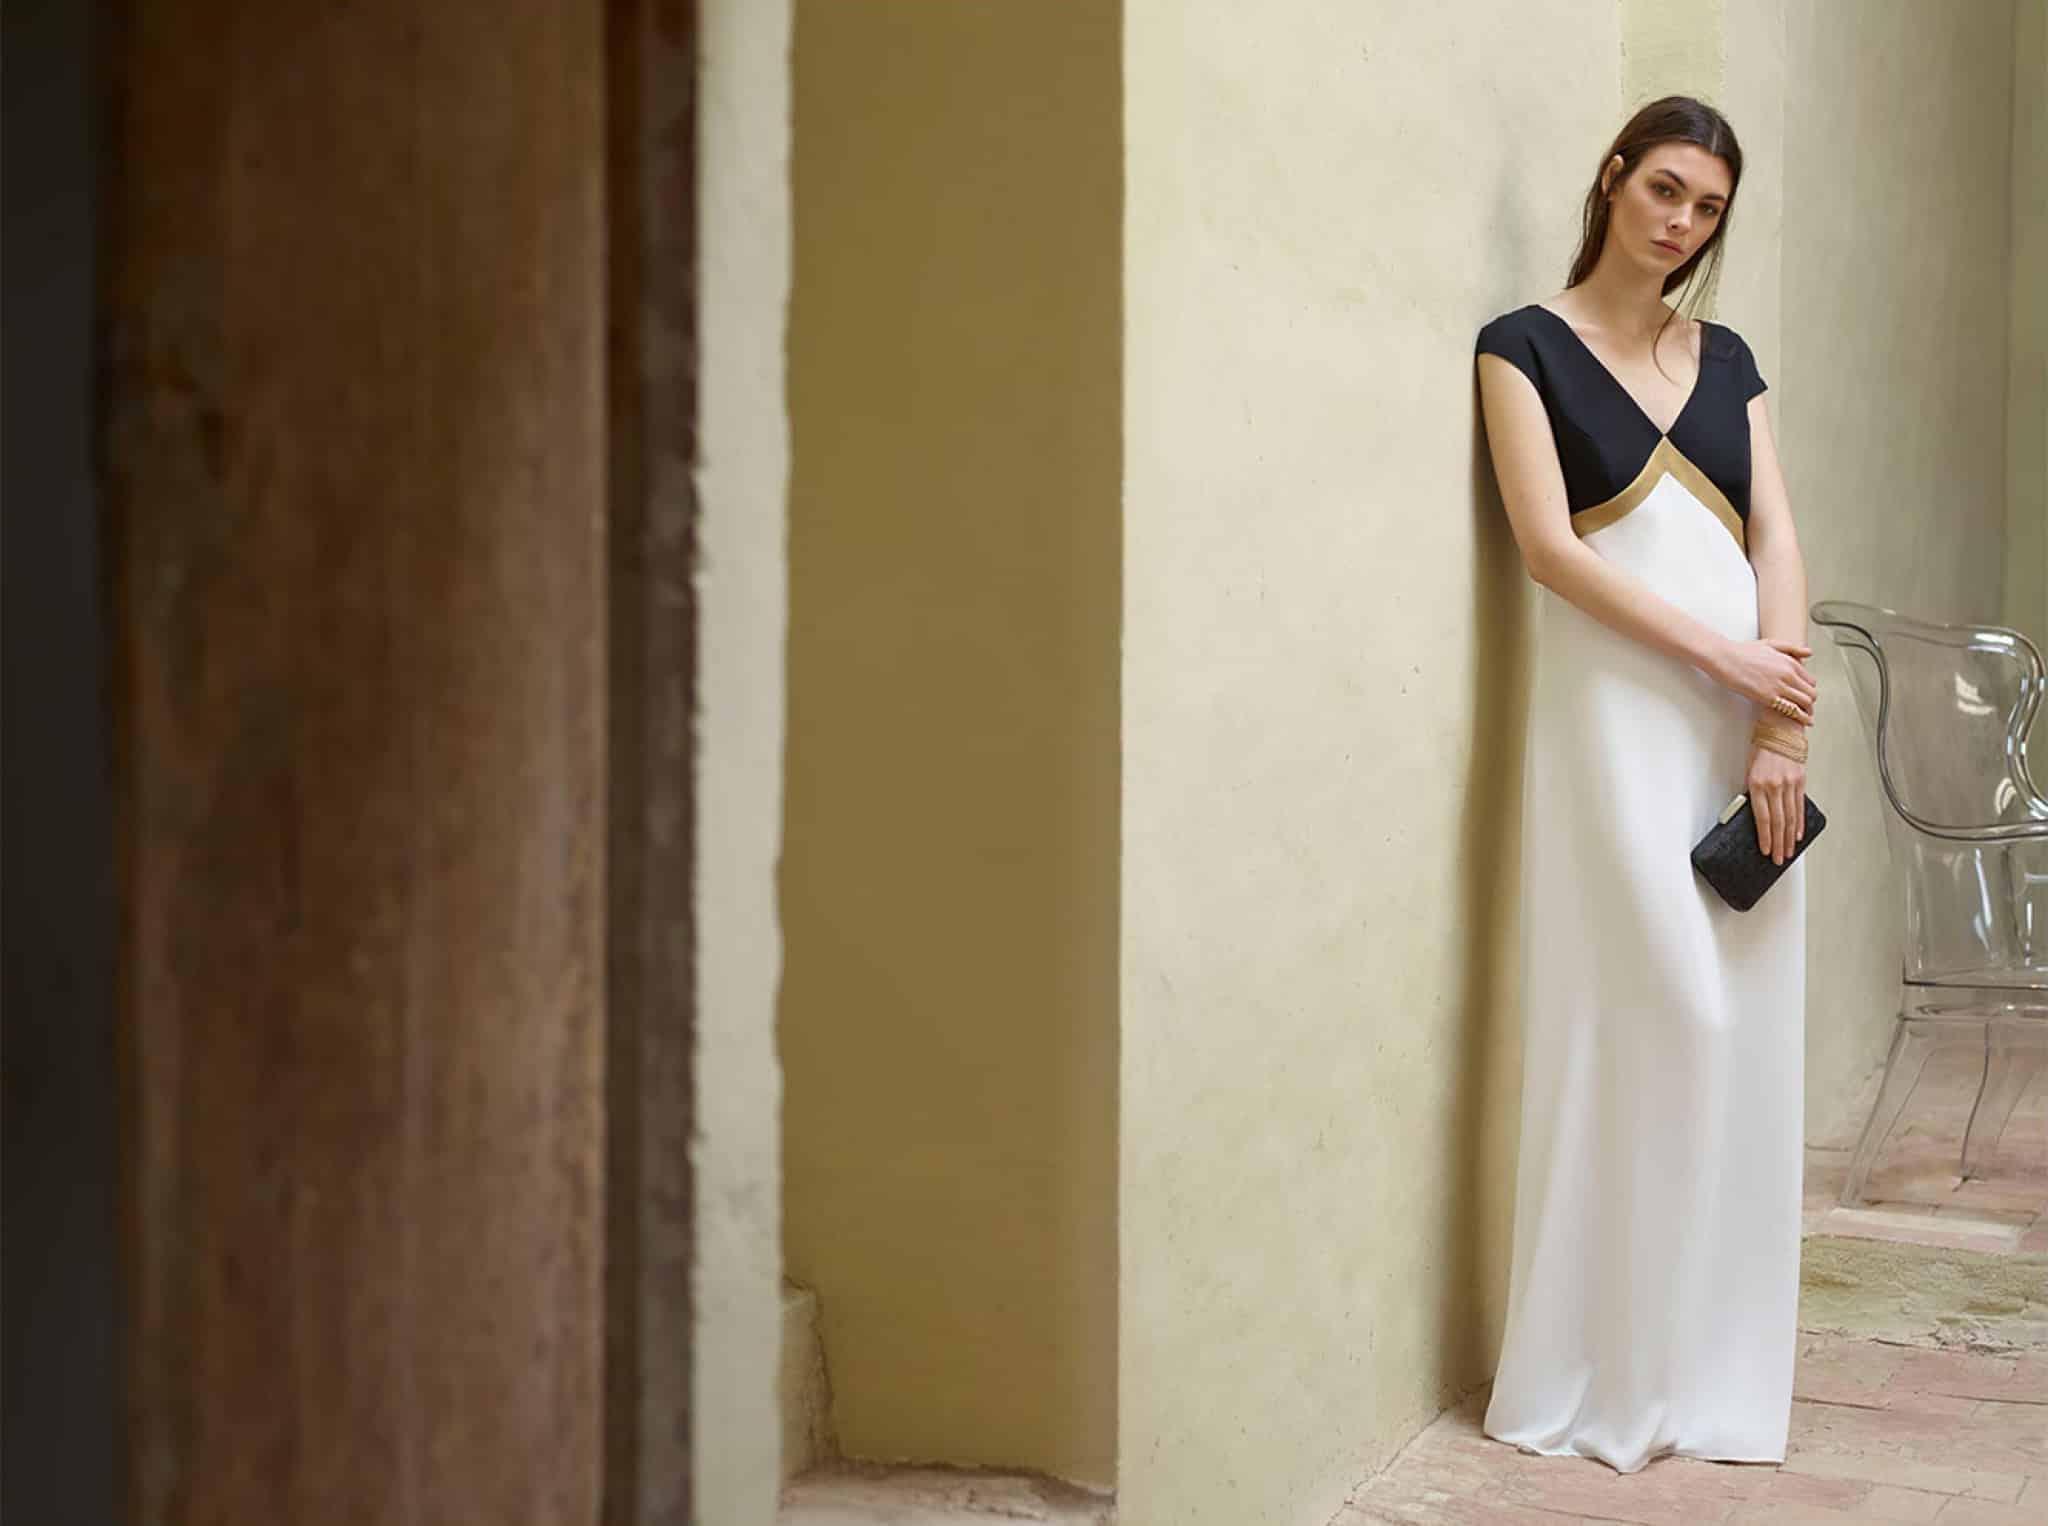 Une femme discrète dans sa robe d'invitée à un mariage